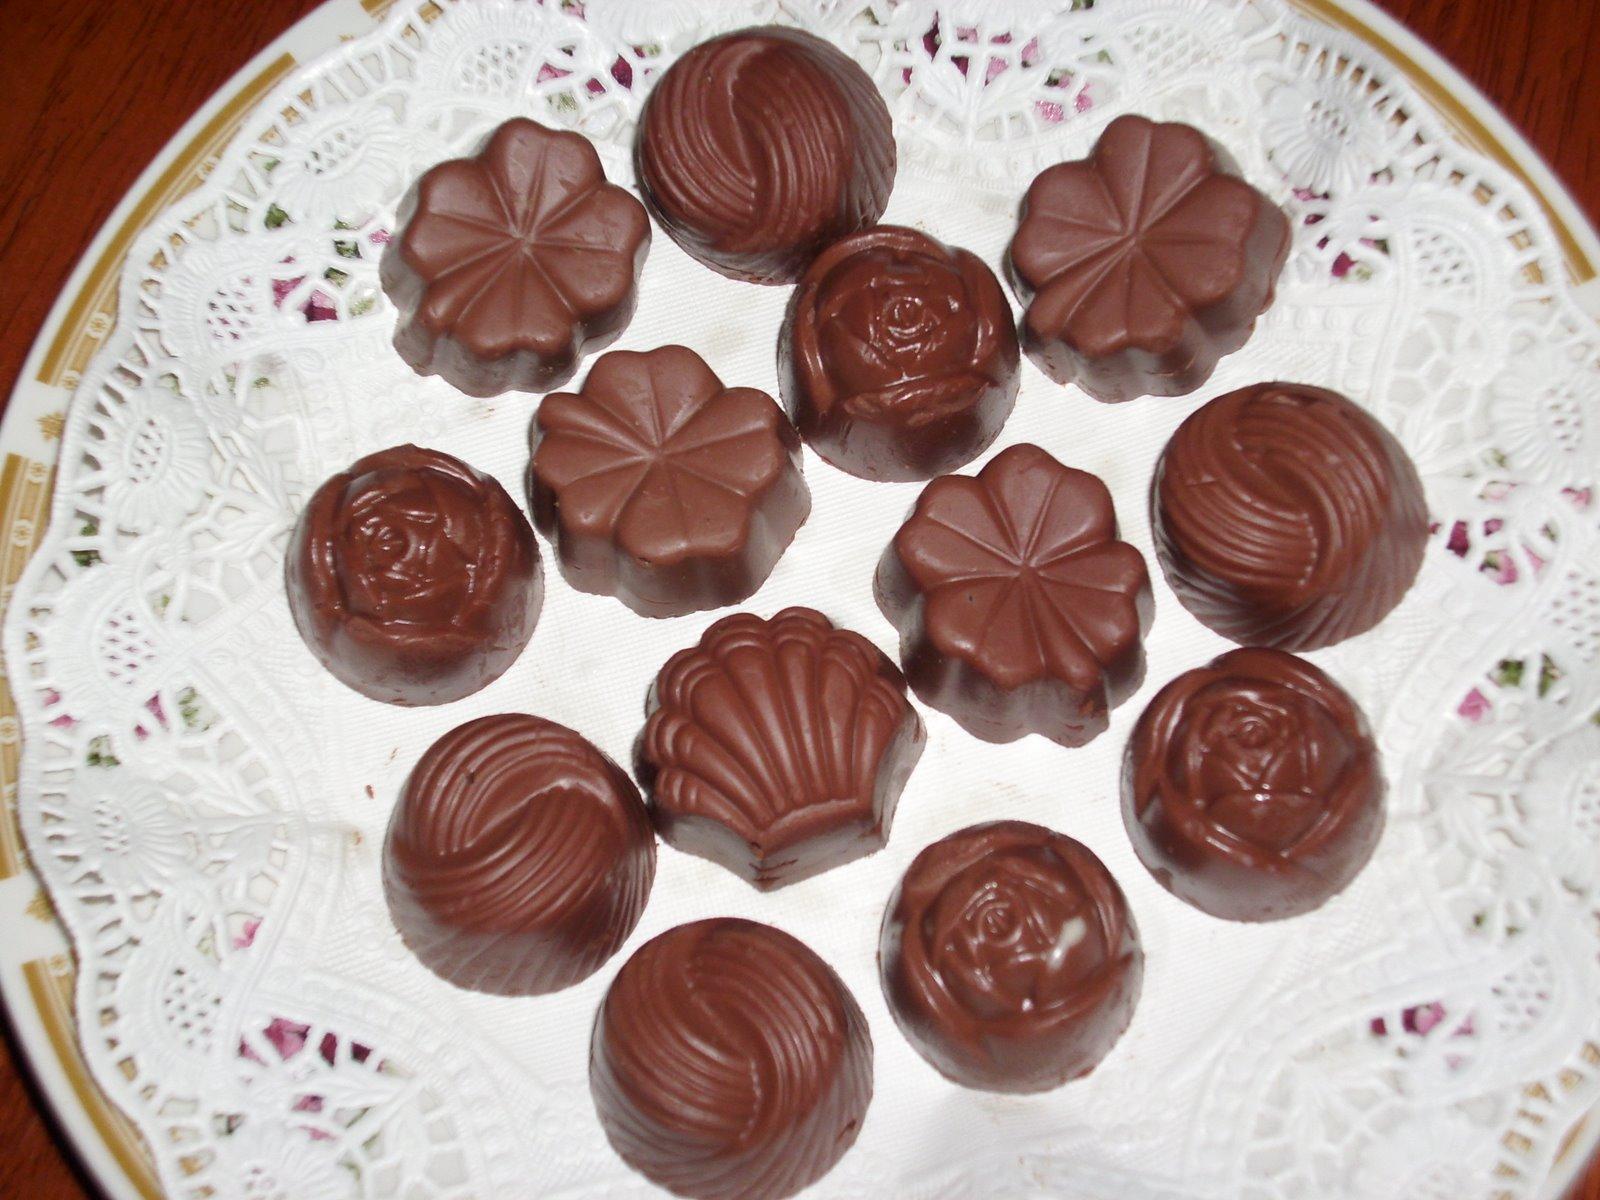 Cách làm socola làm từ Milo-43 cách làm socola từ milo Ngon ngọt mê ly cách làm socola từ milo cach lam socola tu milo 4